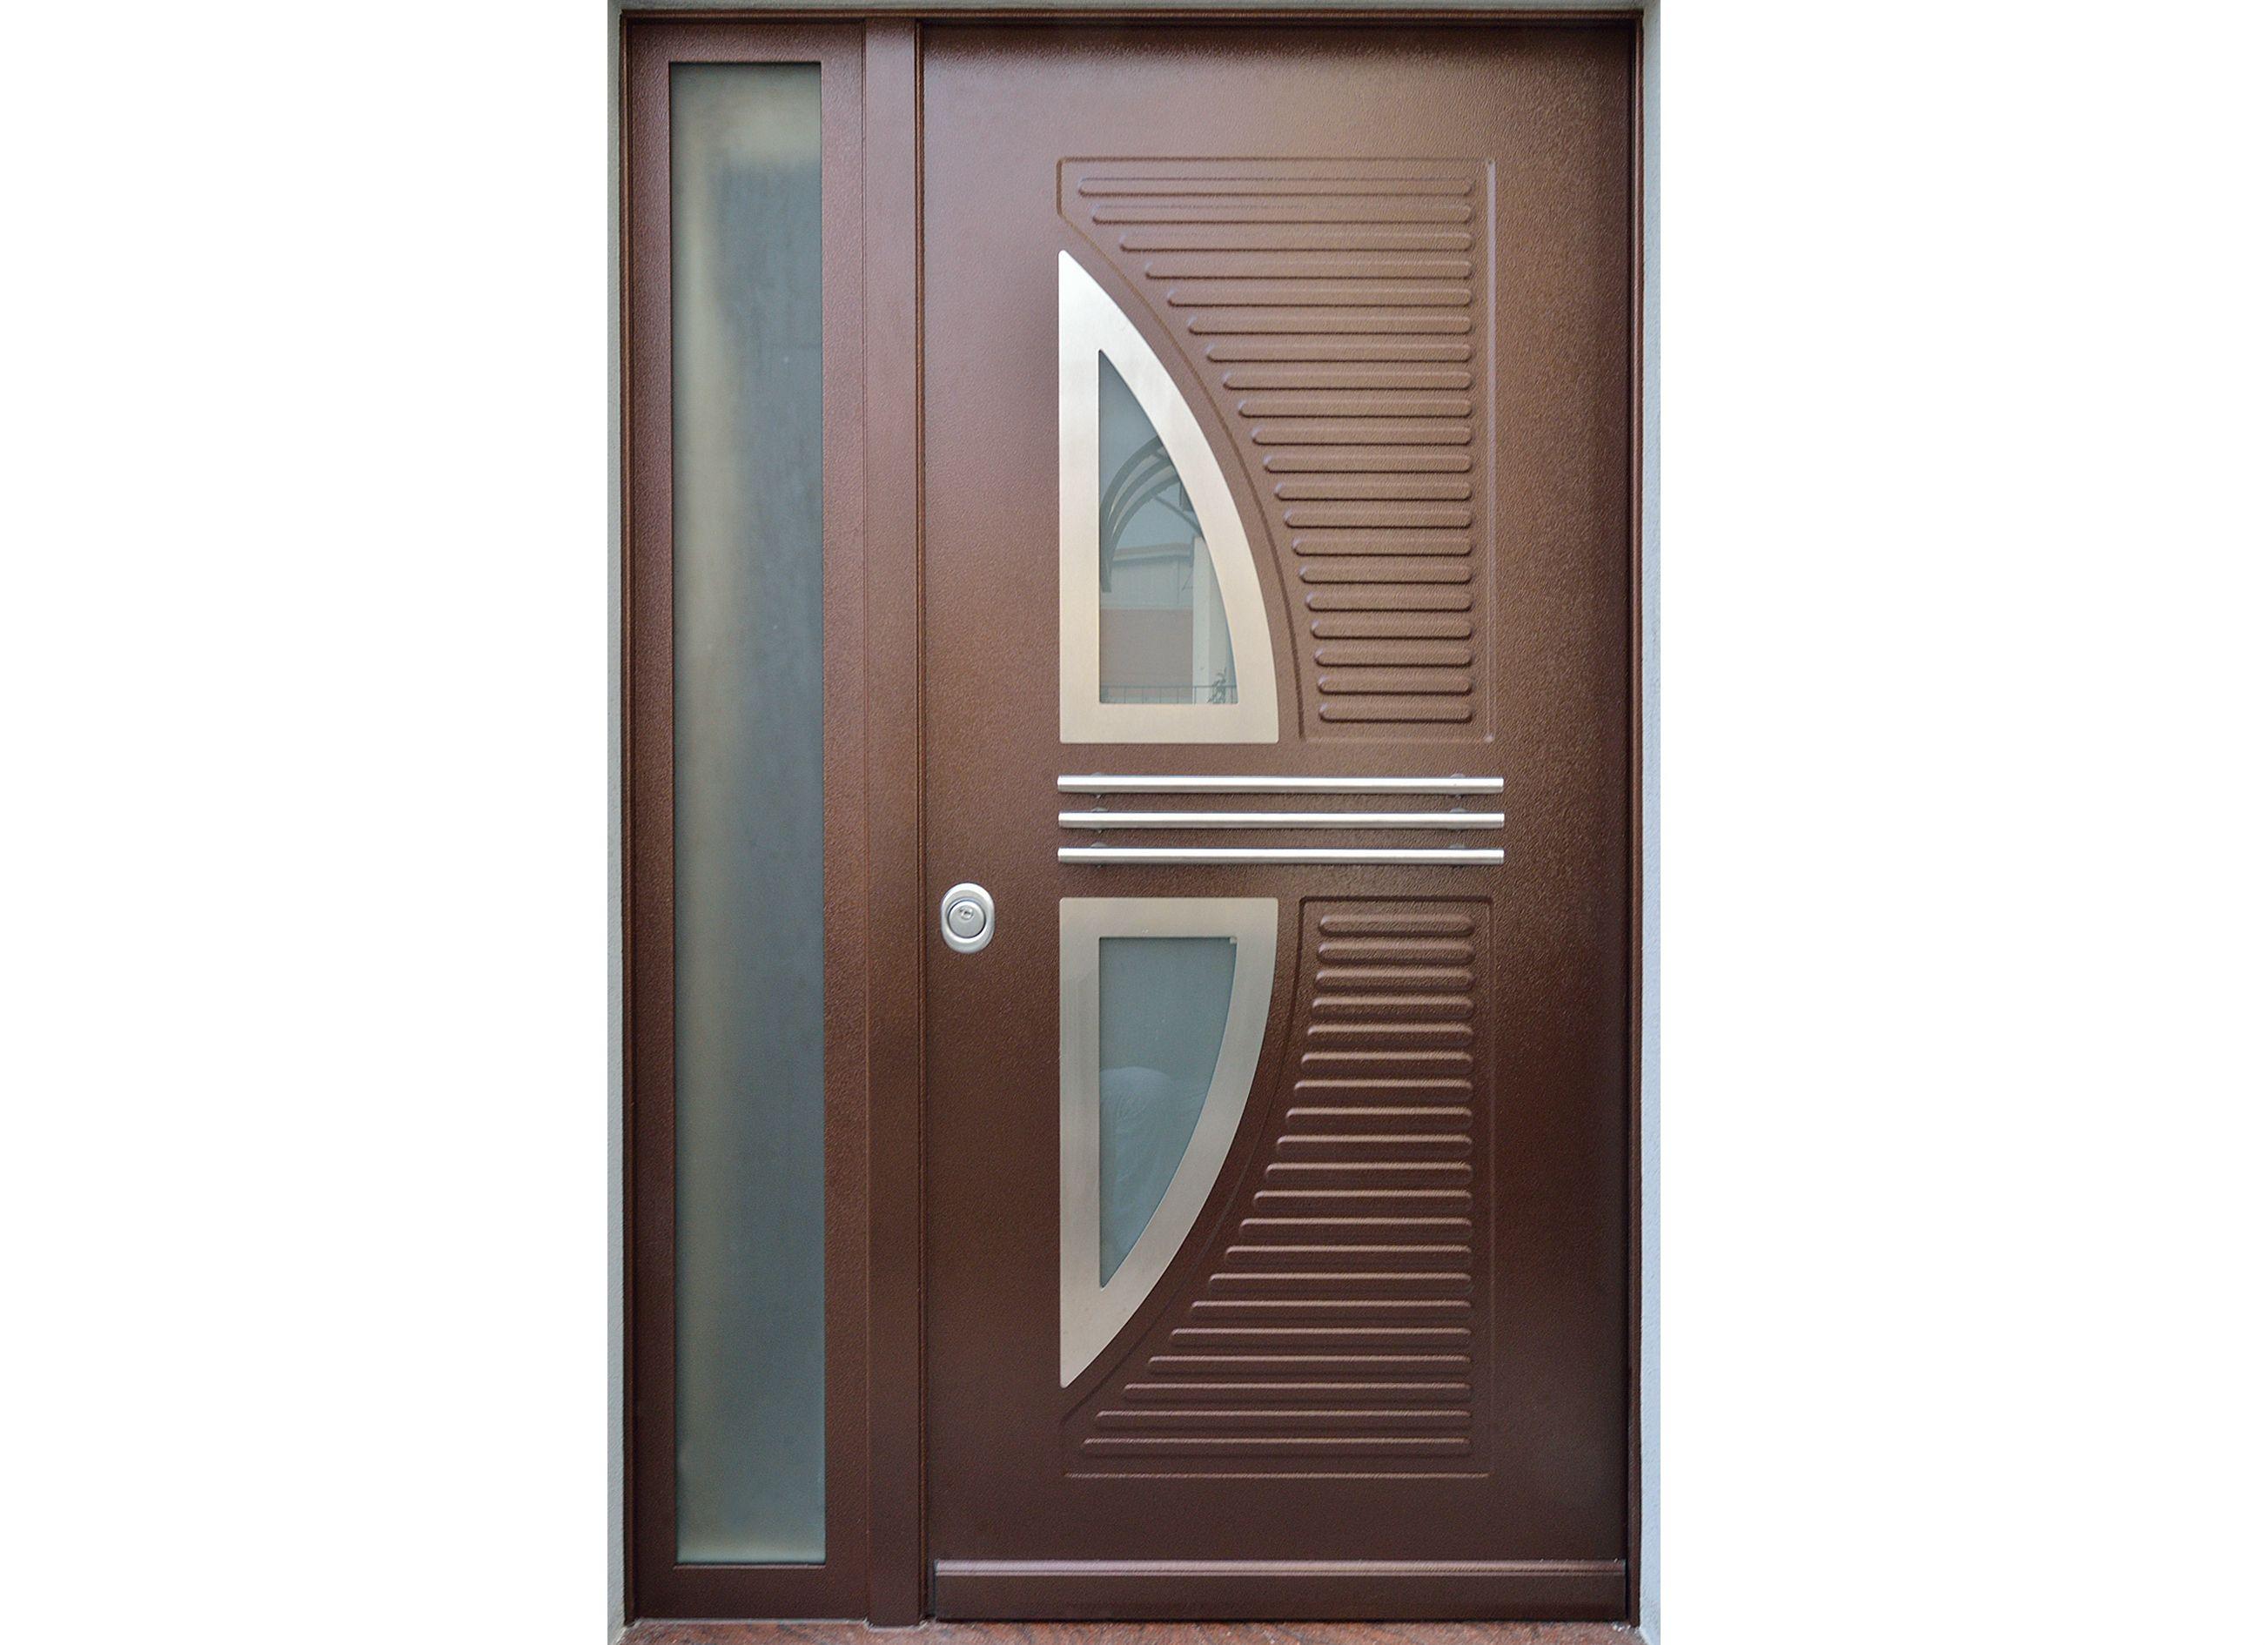 Pannello di rivestimento per porte blindate in alluminio e - Pannello decorativo per porte ...